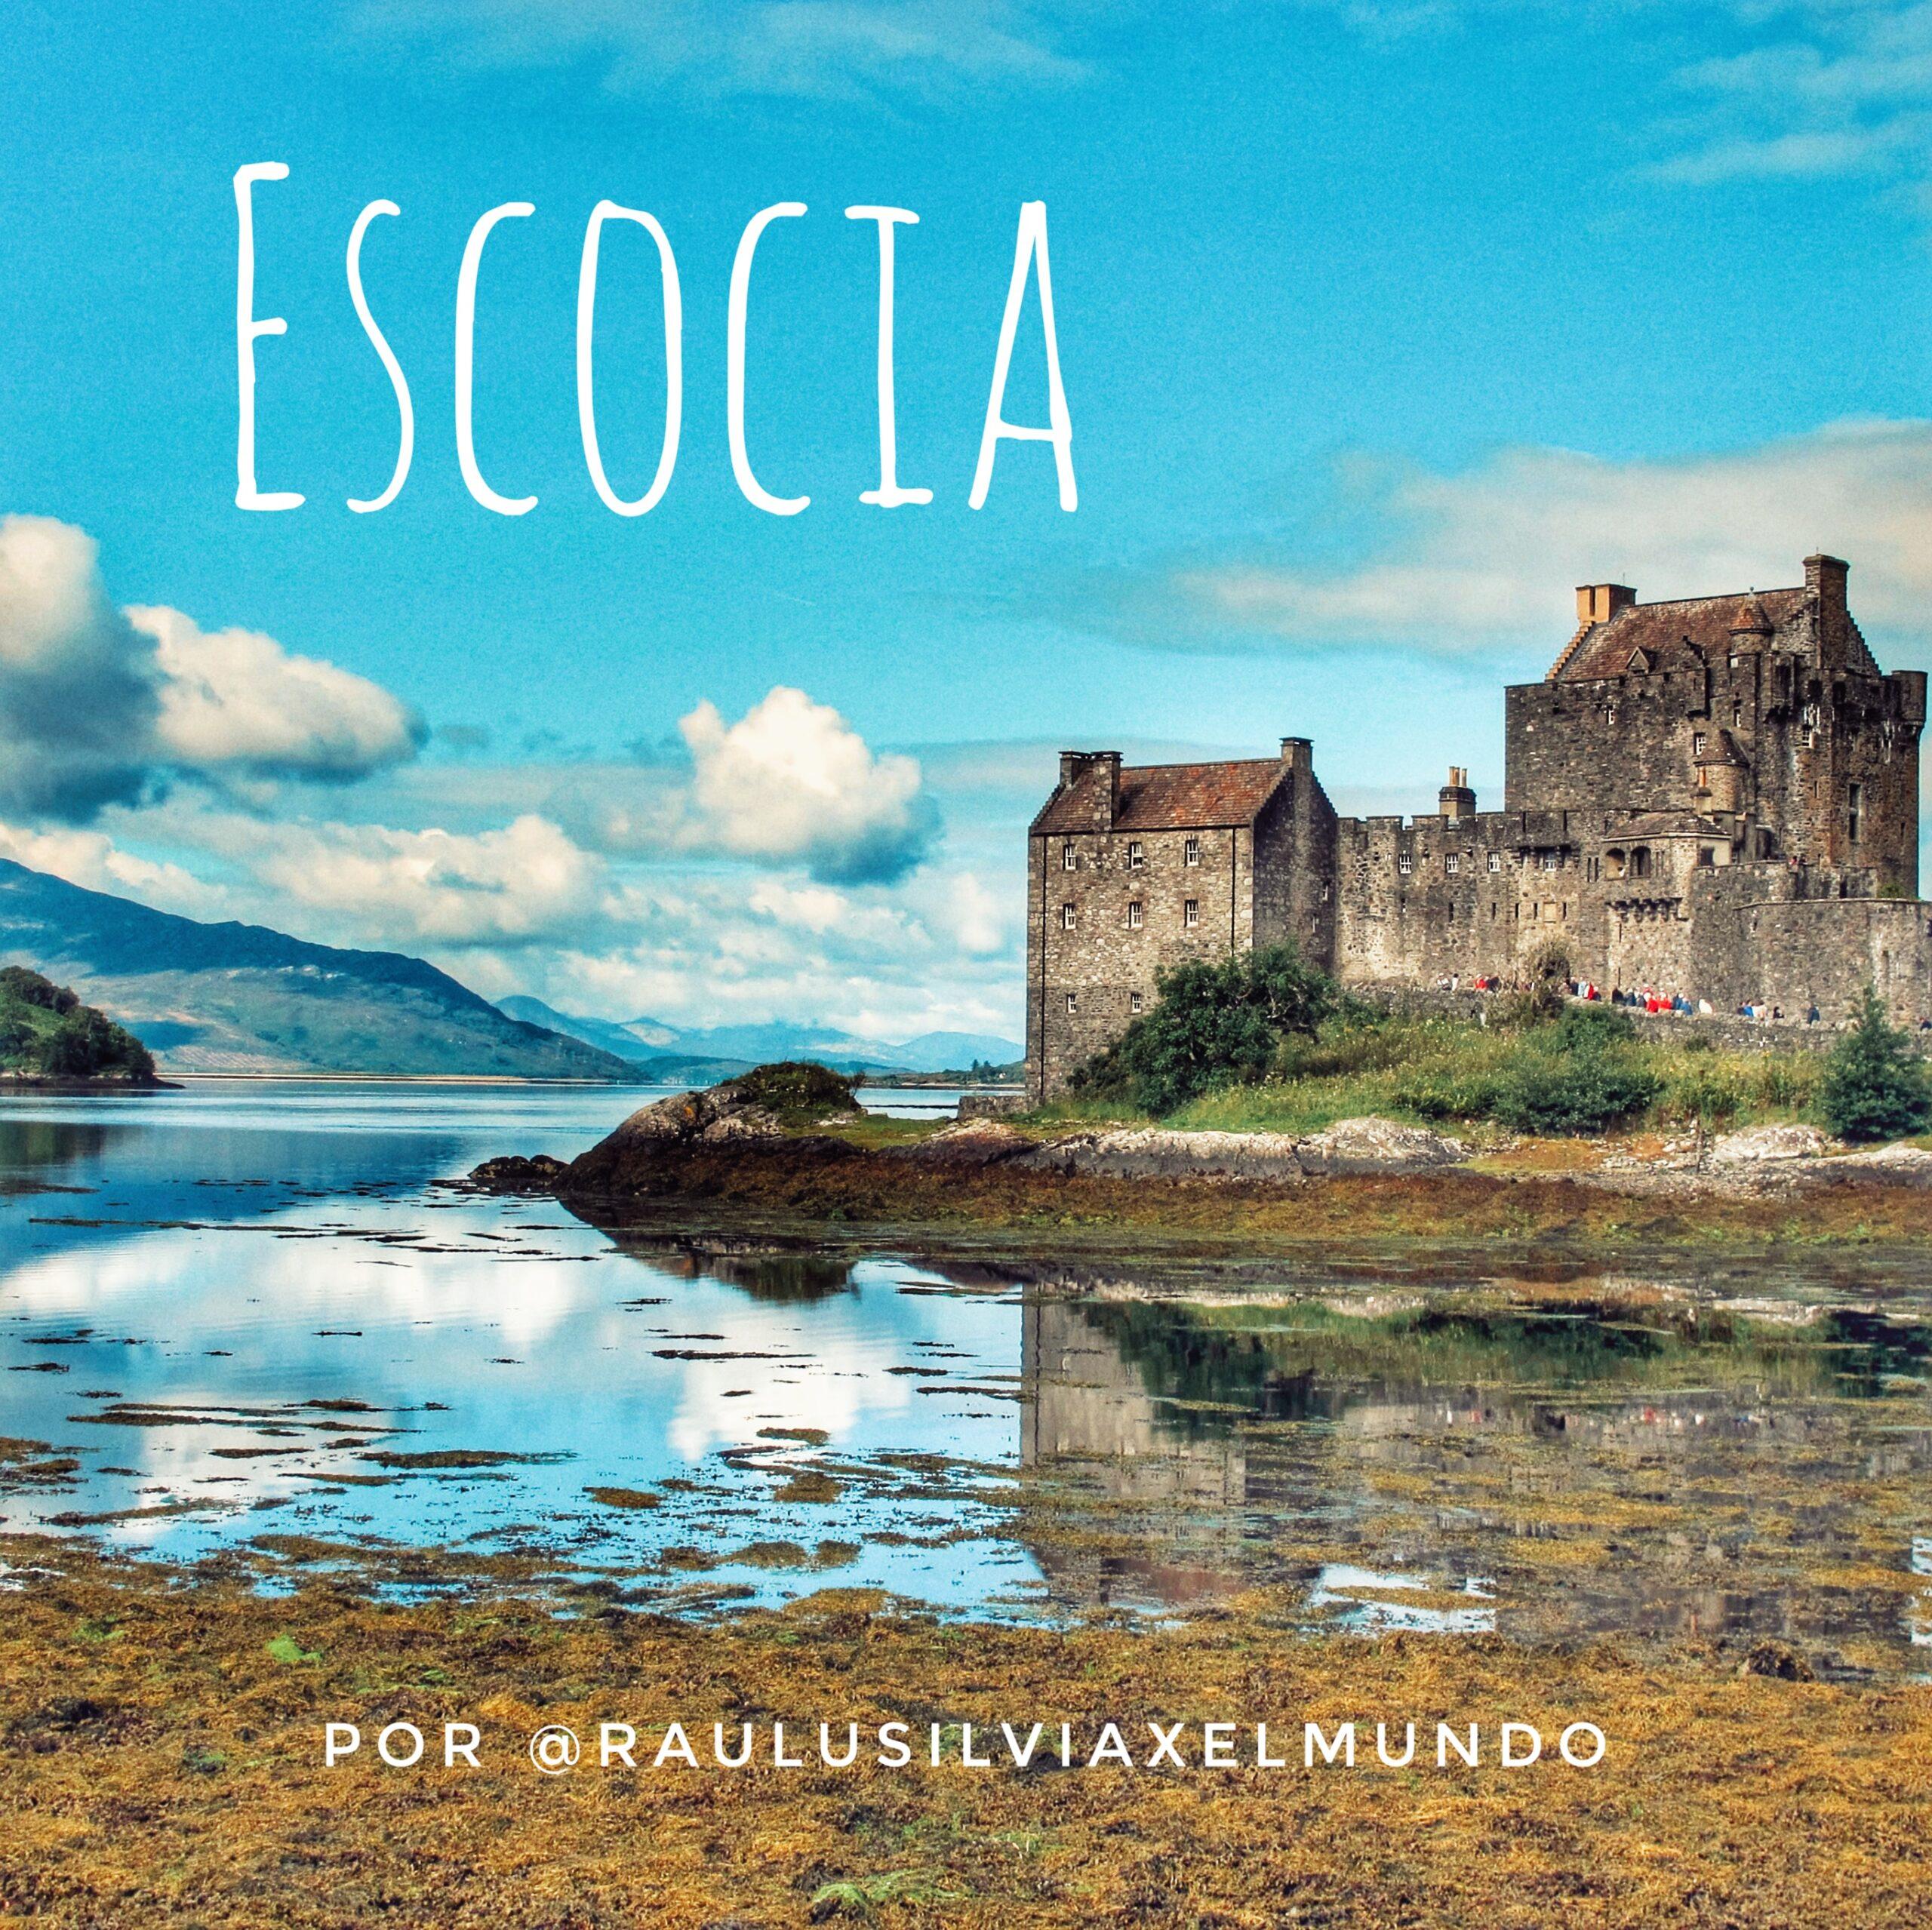 Escocia en autocaravana o camper en 9 etapas por @raulysilviaxelmundo